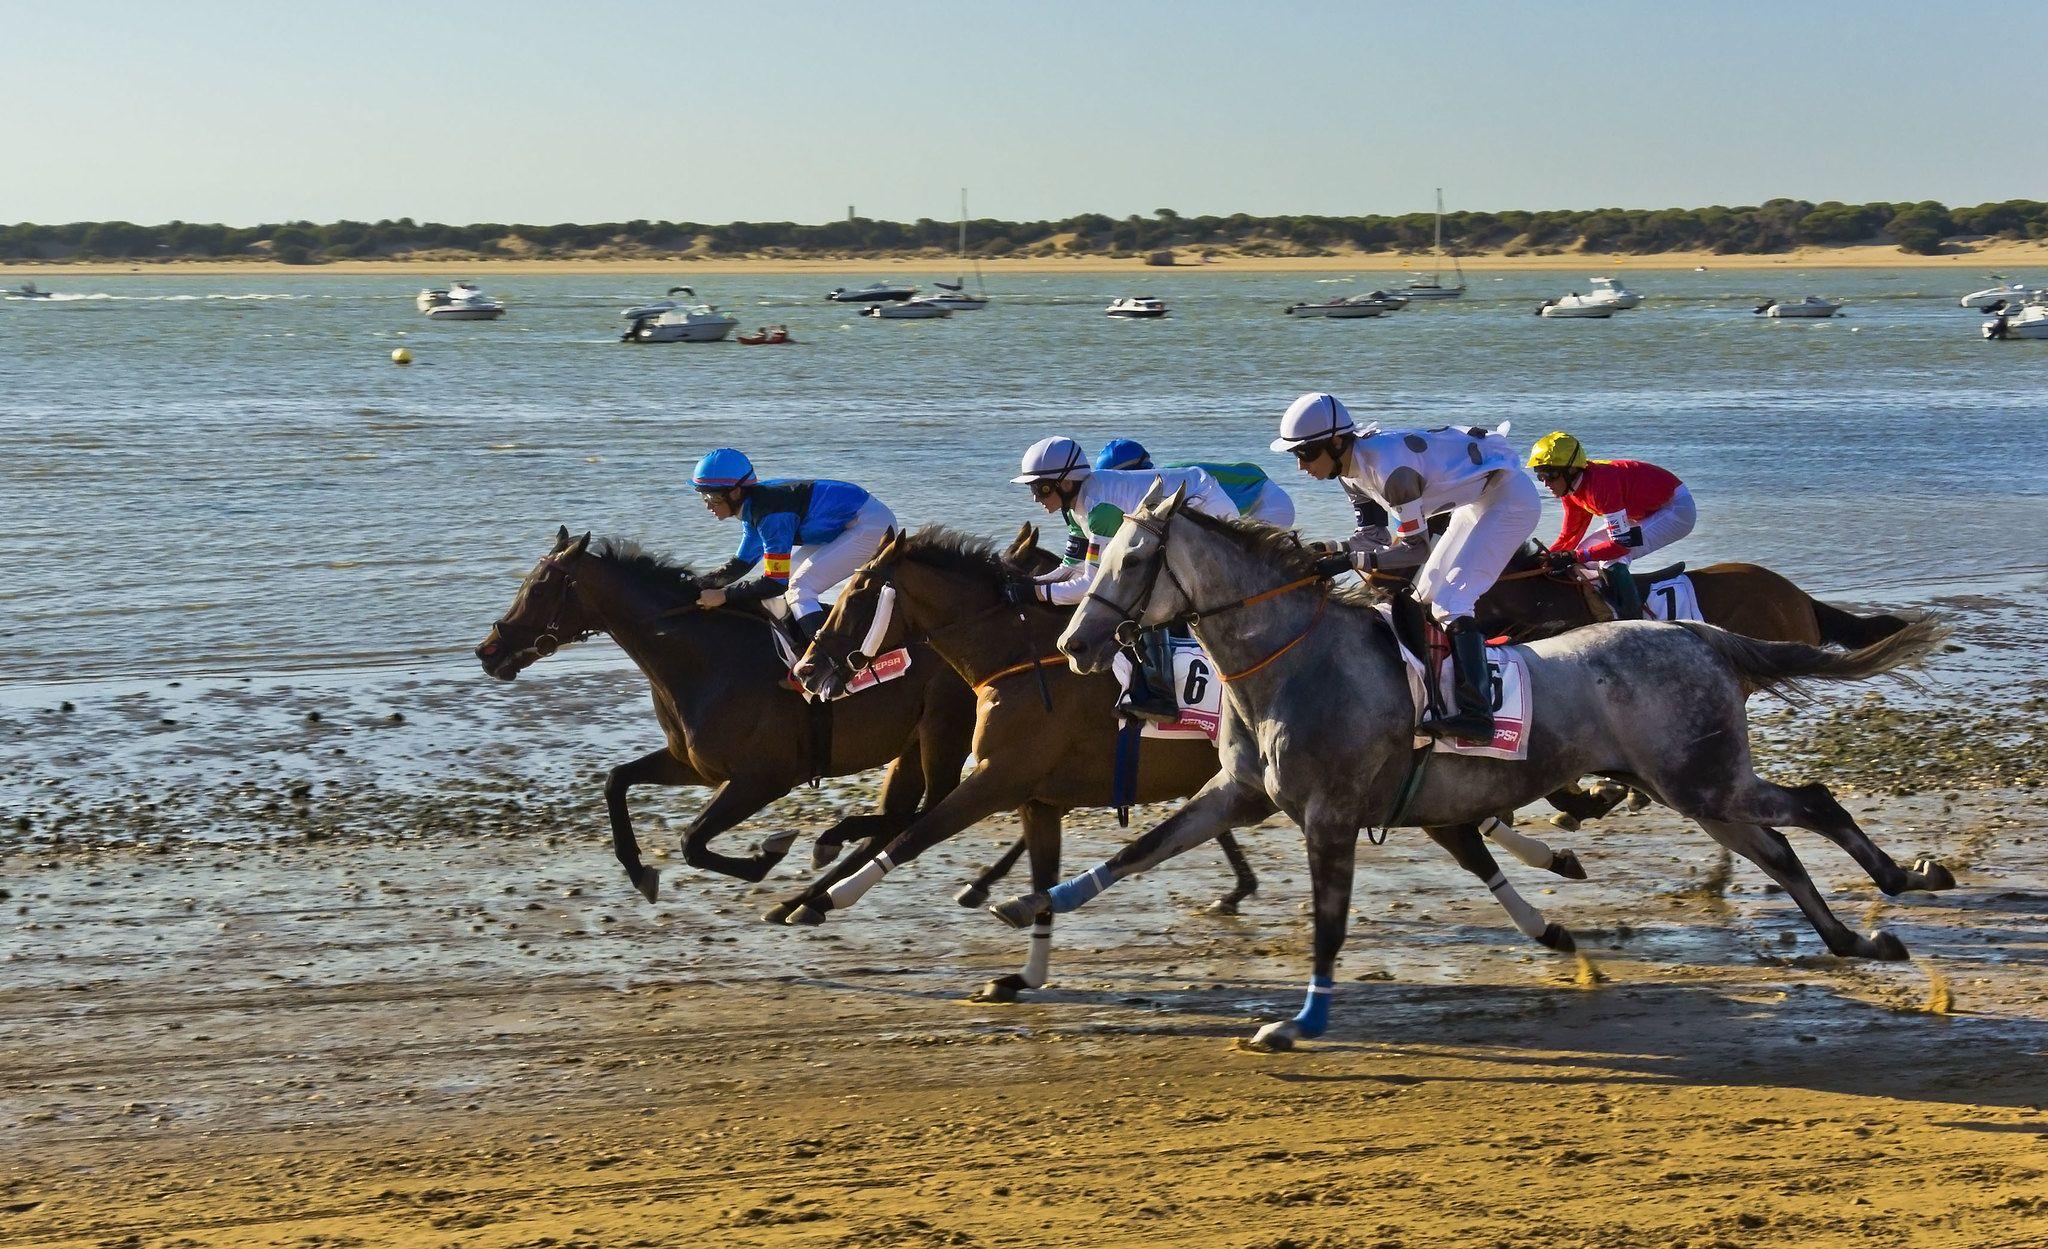 Carrera de caballos. Foto: Guillén Pérez, en flickr